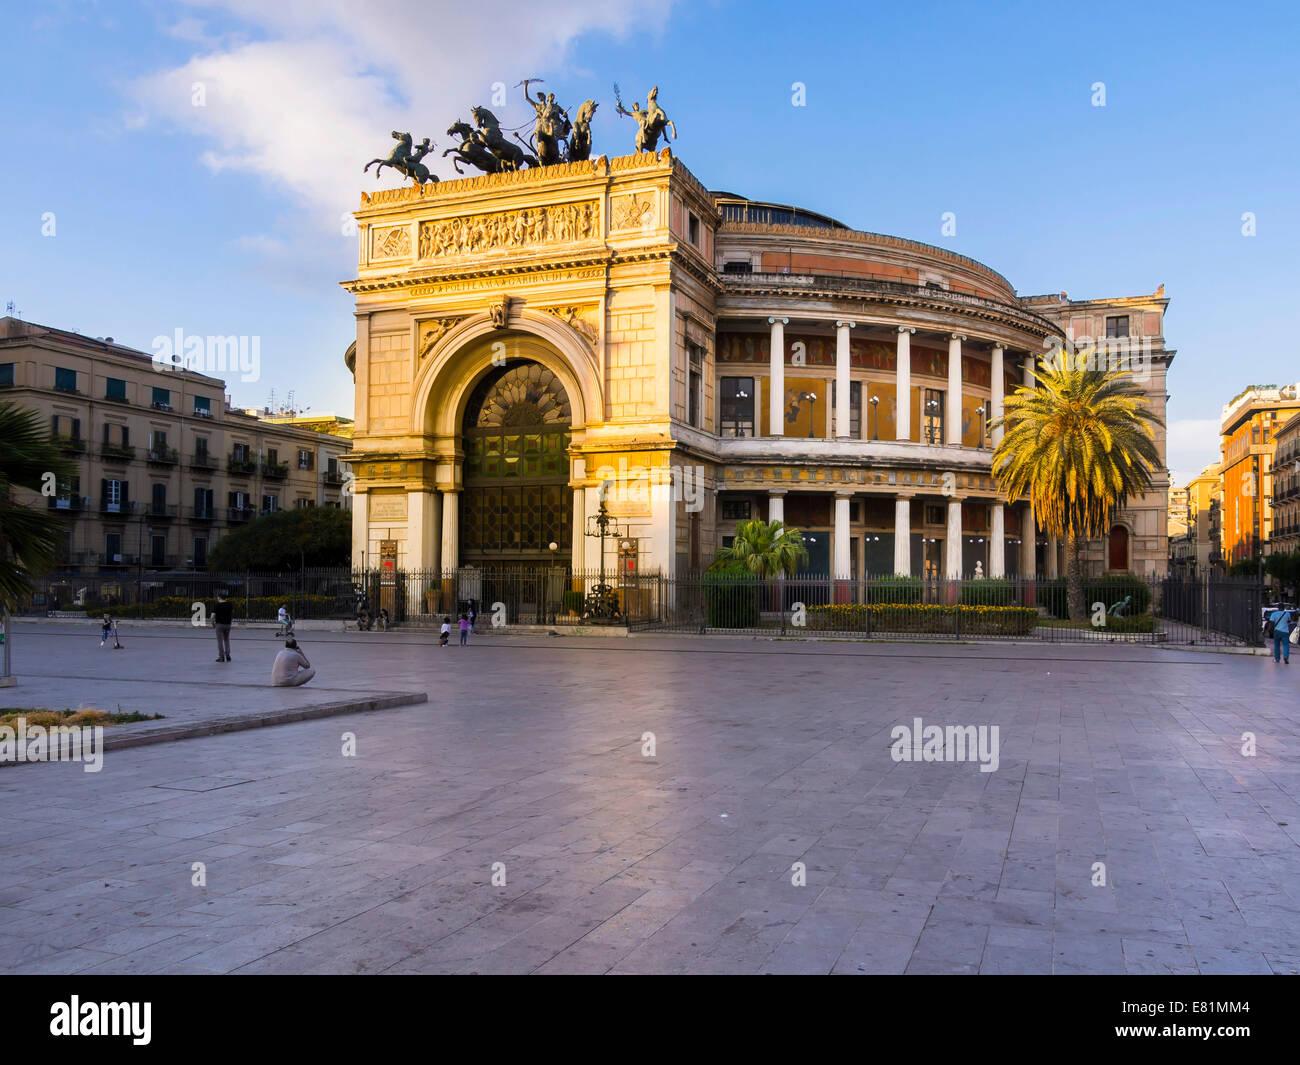 Theater Politeama Garibaldi, Piazza Ruggero Settimo, historic centre, Palermo, Sicily, Italy Stock Photo